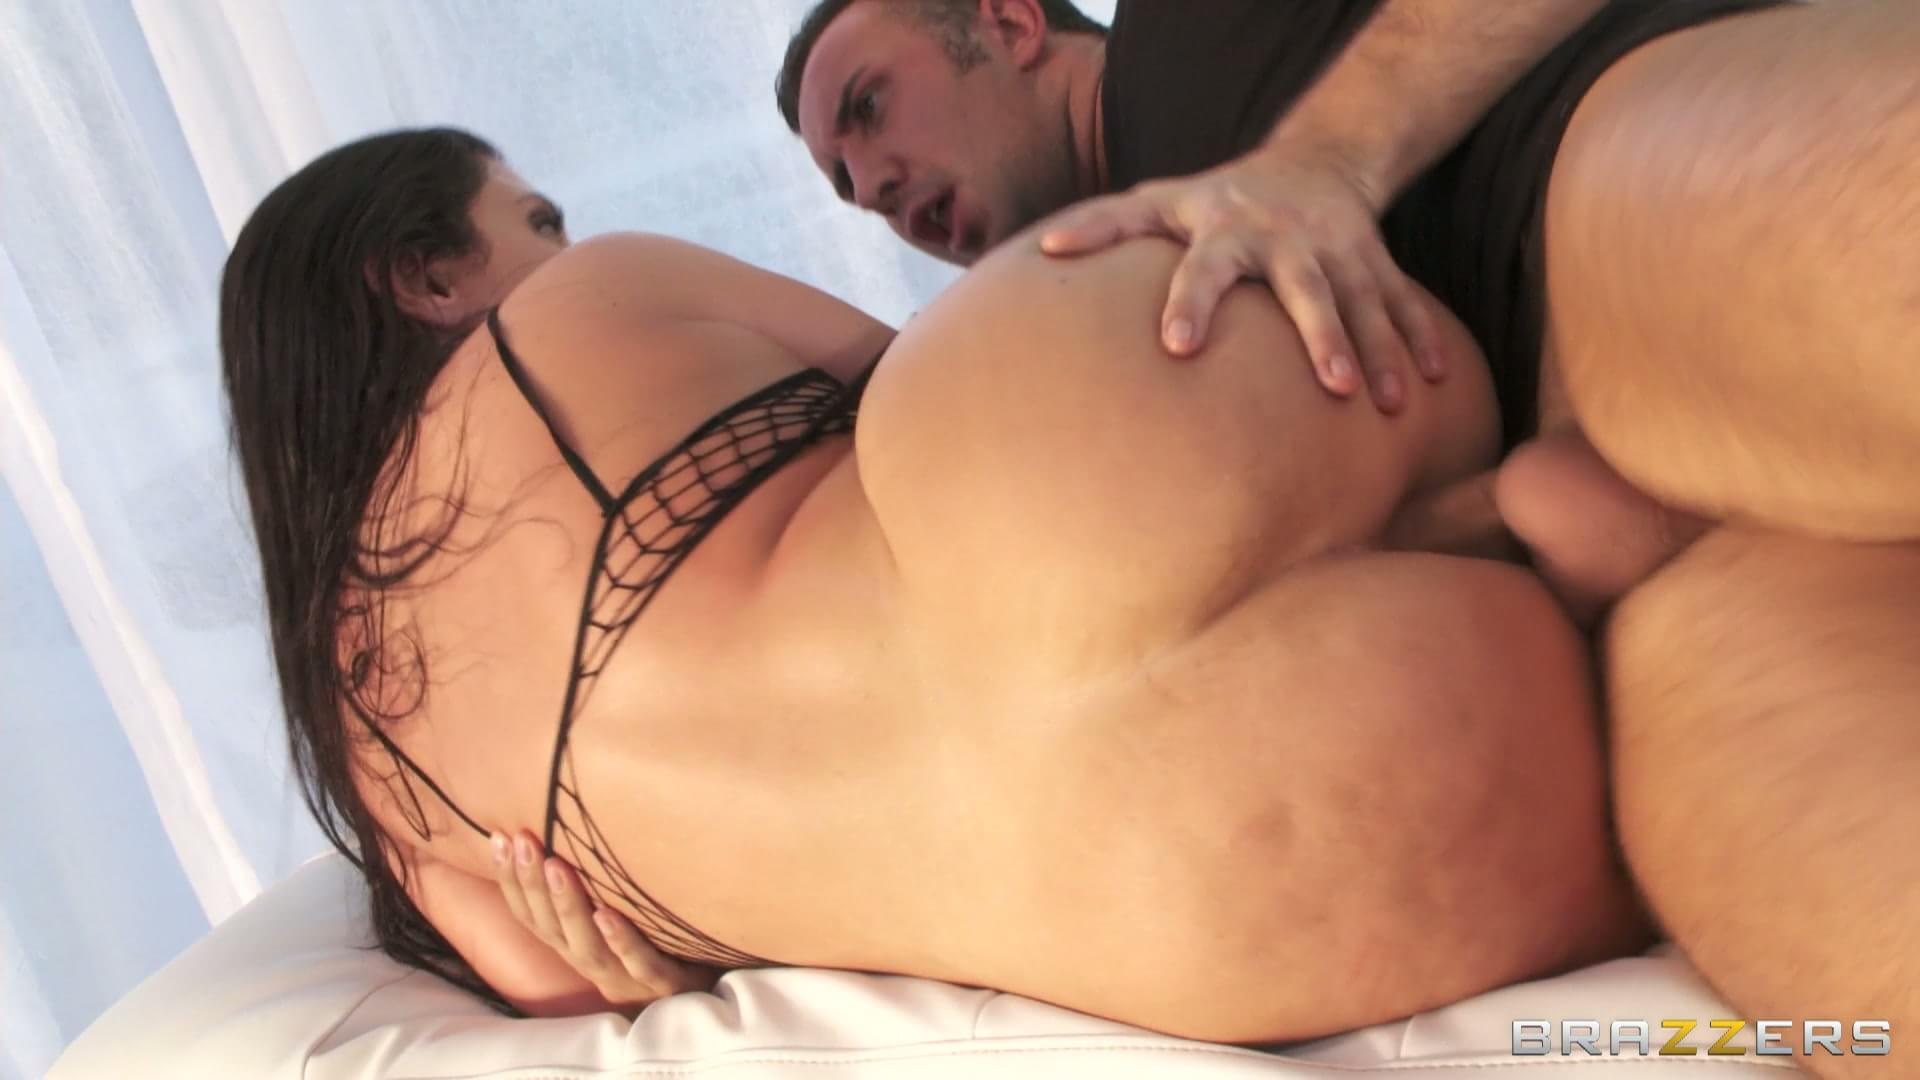 Best porn sex positions